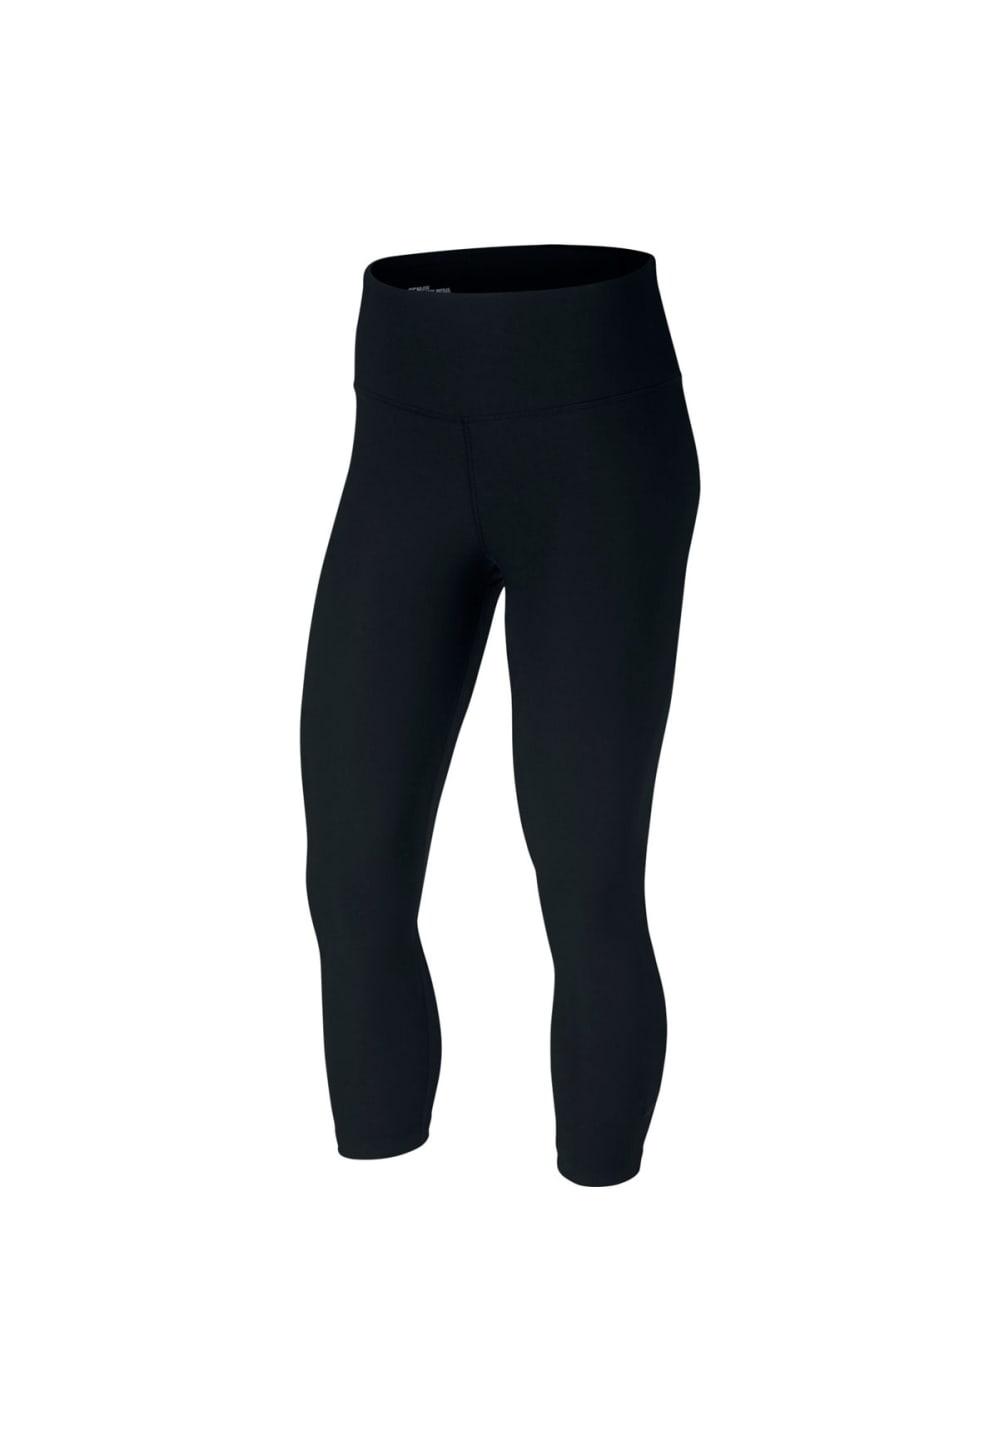 Sportmode für Frauen - Nike Sculpt Hyper Crops Fitnesshosen für Damen Schwarz  - Onlineshop 21Run